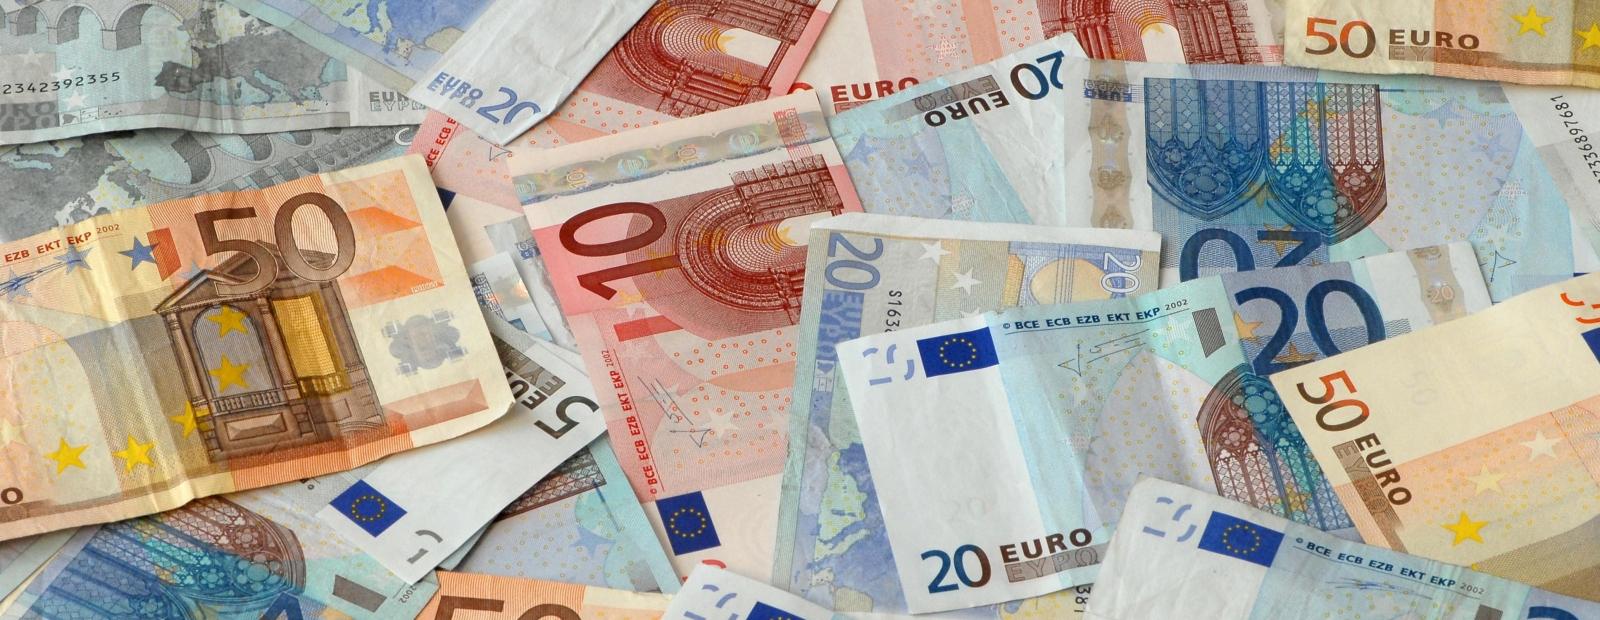 nopelnīt naudu nelegāli